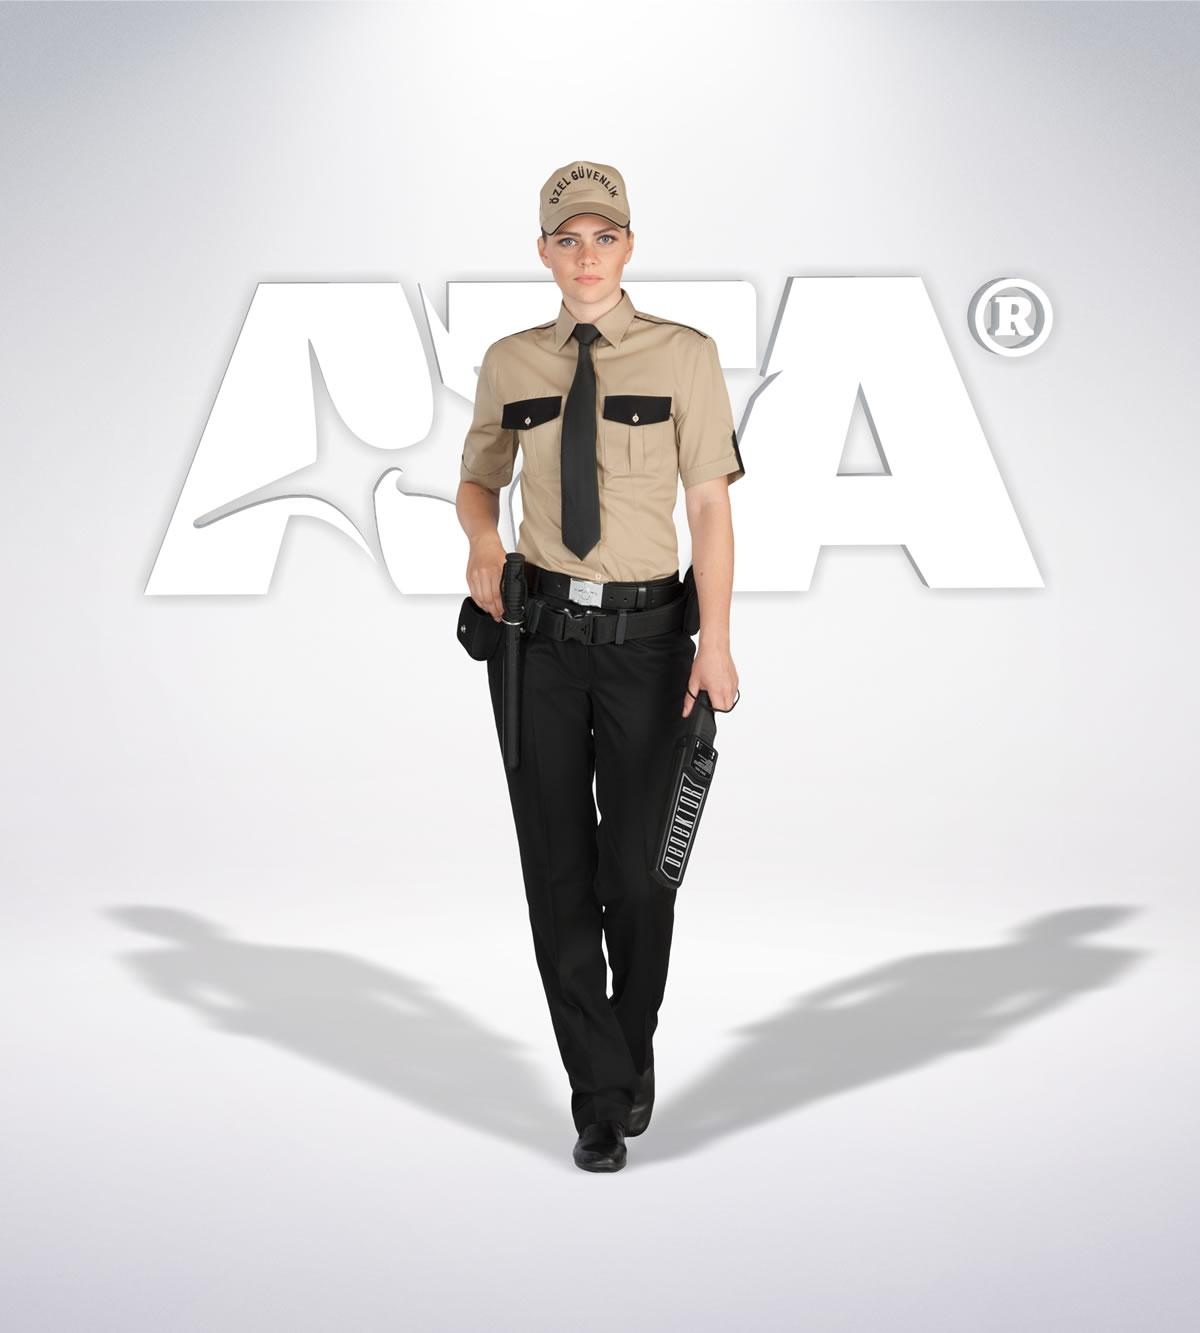 ATA 127 - Pantolon yazlık - gömlek yazlık-kışlık - aksesuar - güvenlik elbiseleri | güvenlik üniformaları | güvenlik kıyafetleri